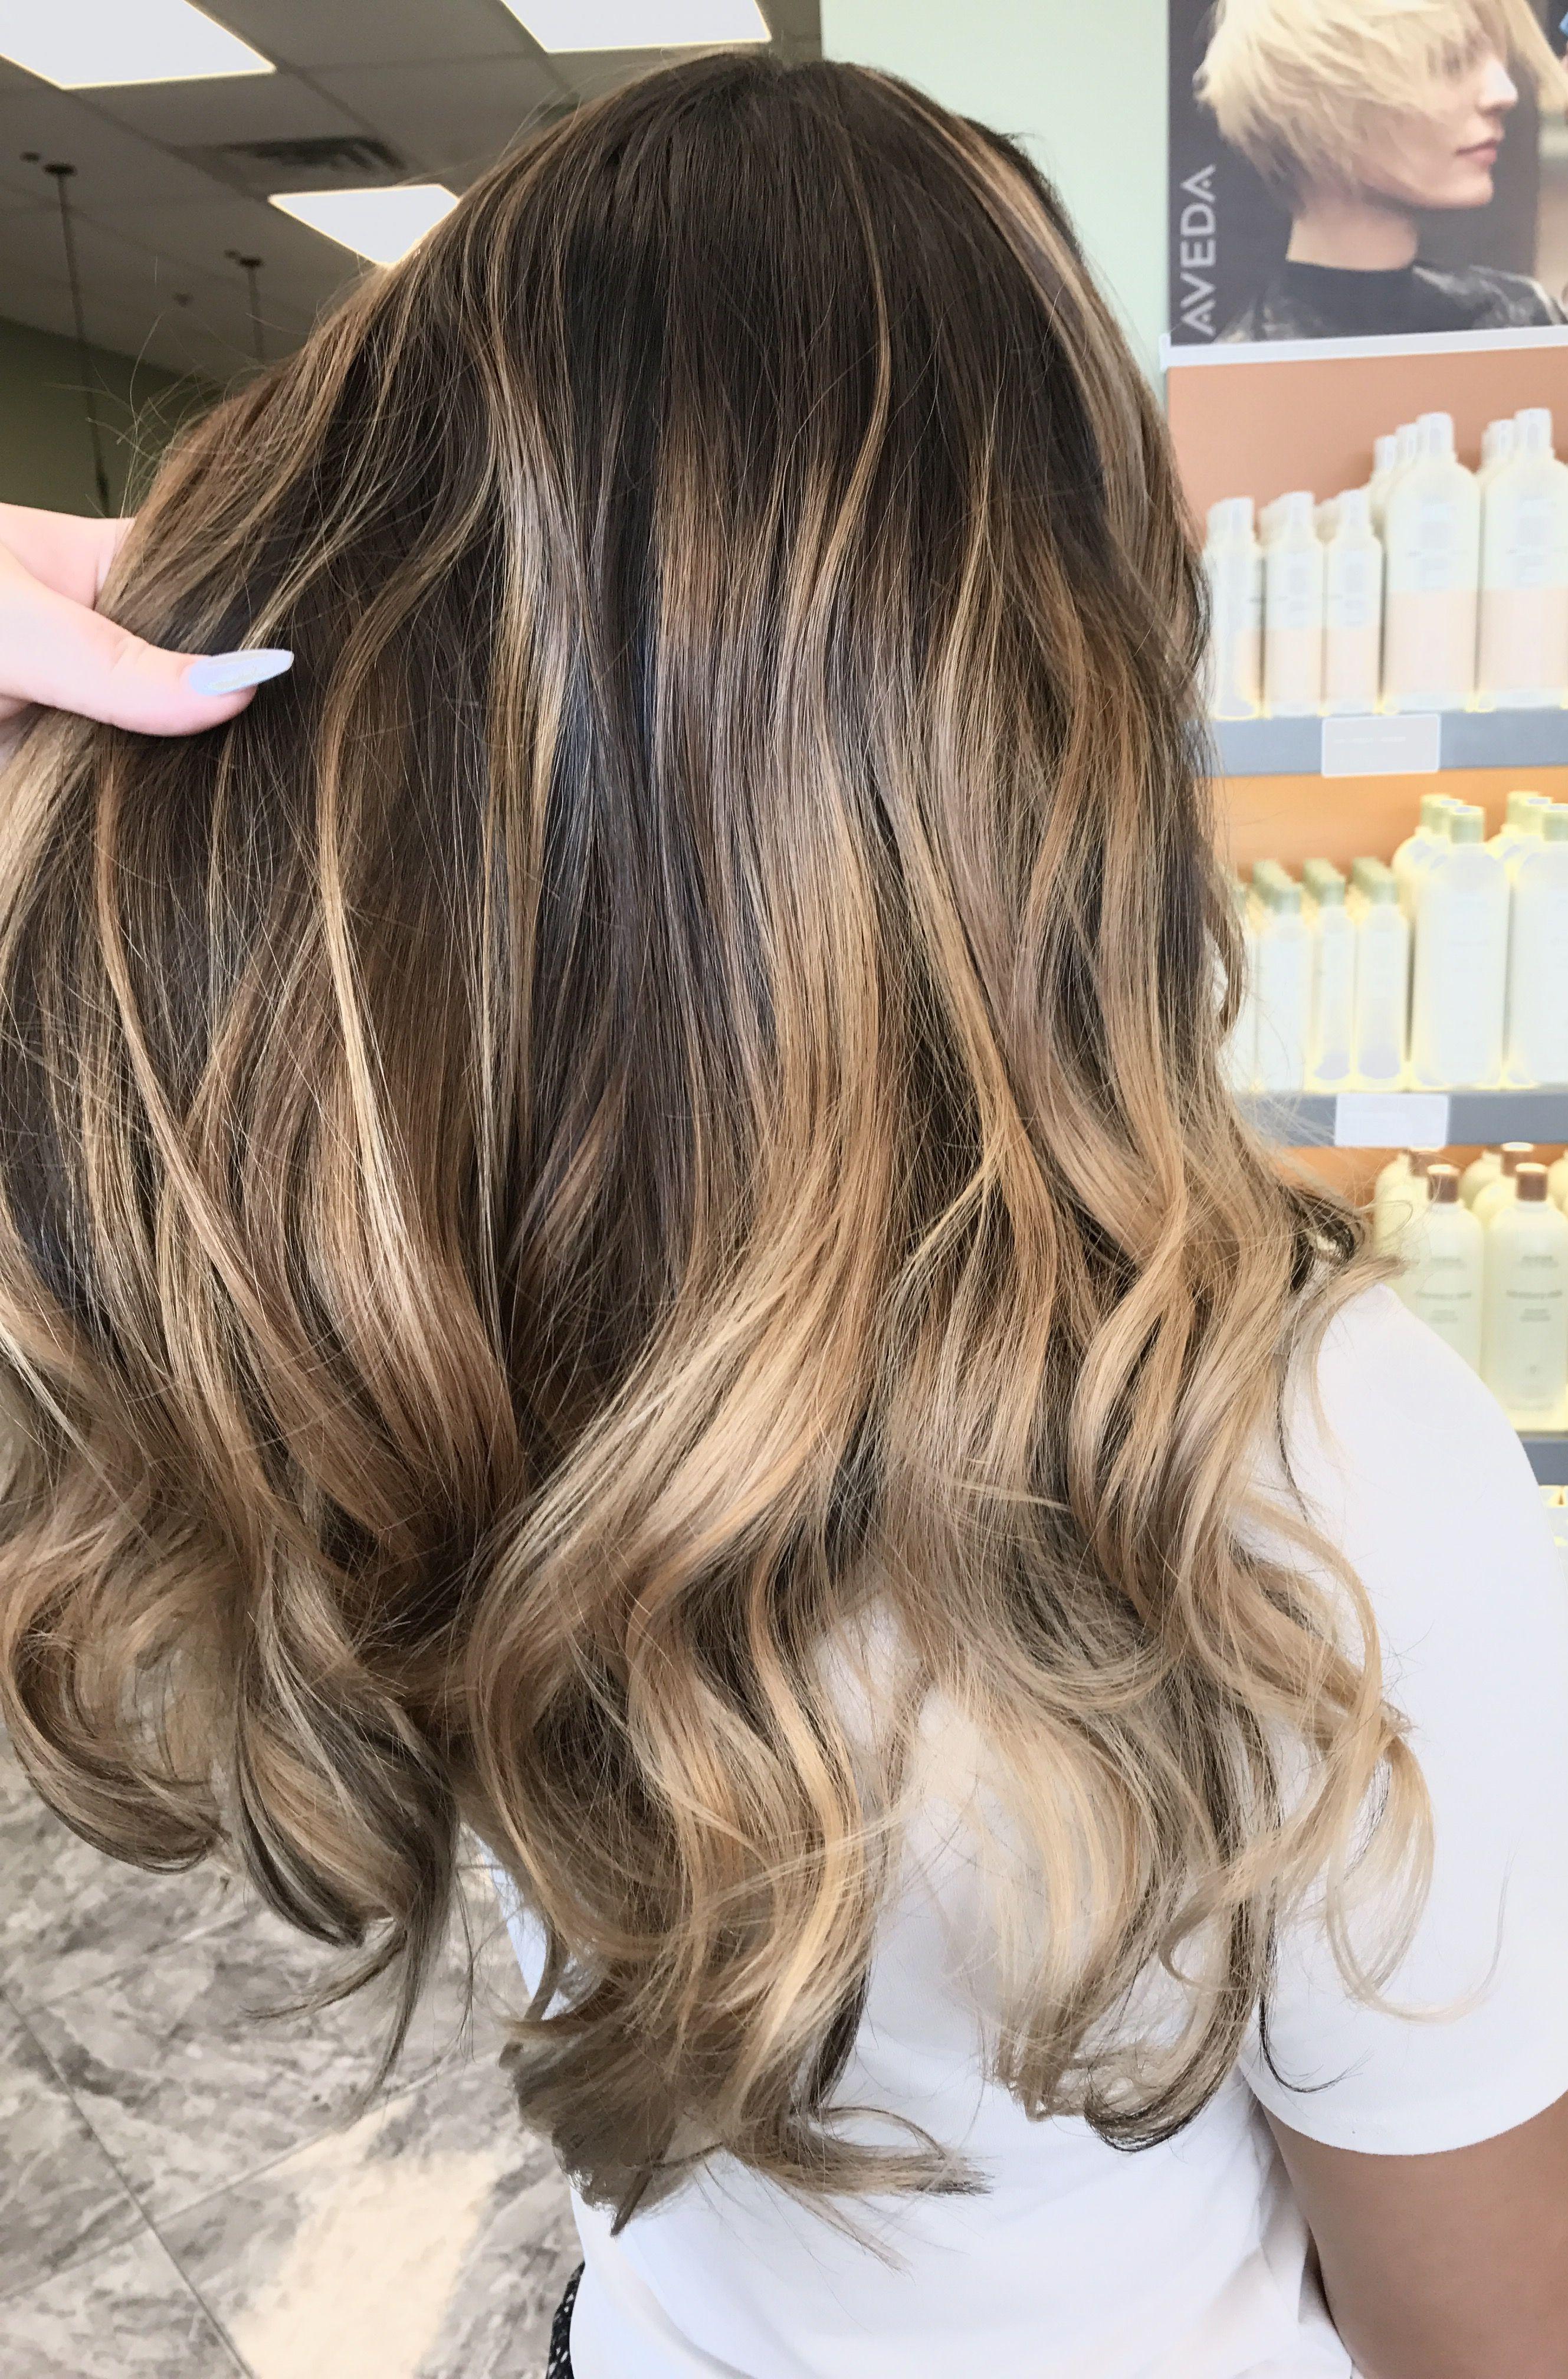 Caramel balayage #hairbyashcha #caramelbalayage | Hair ...